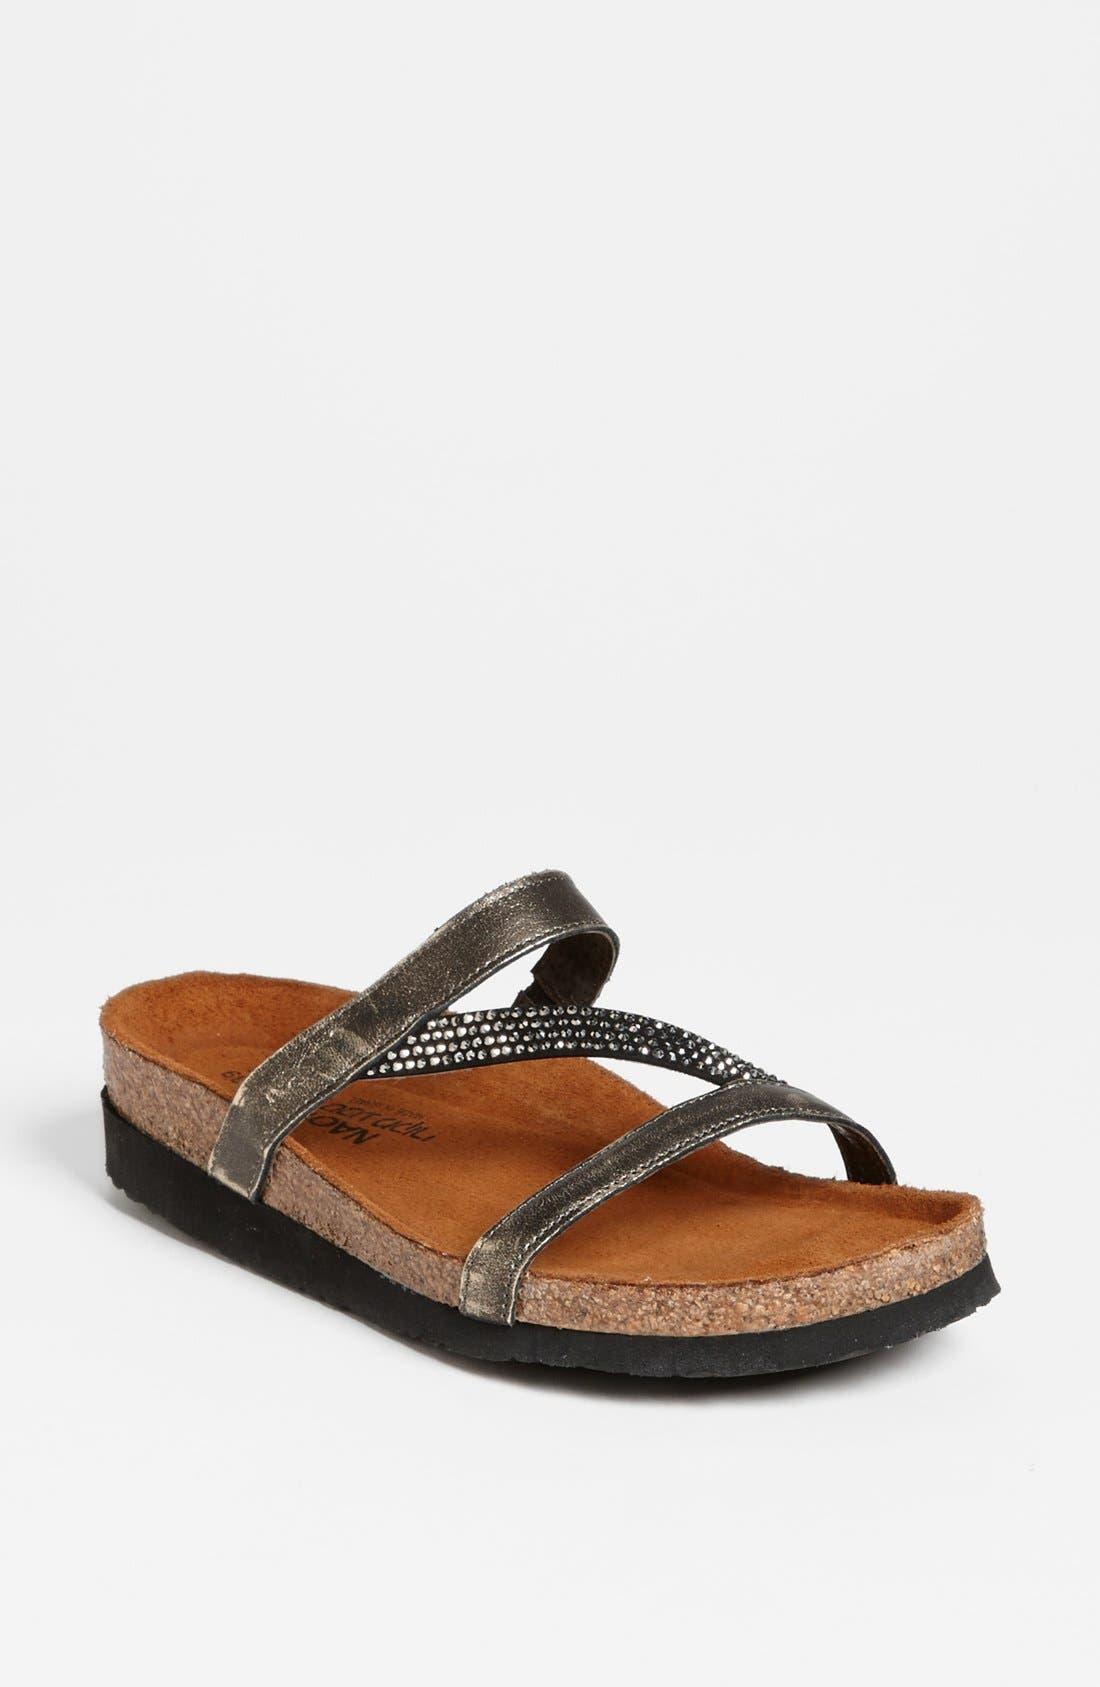 Naot 'Hawaii' Sandal